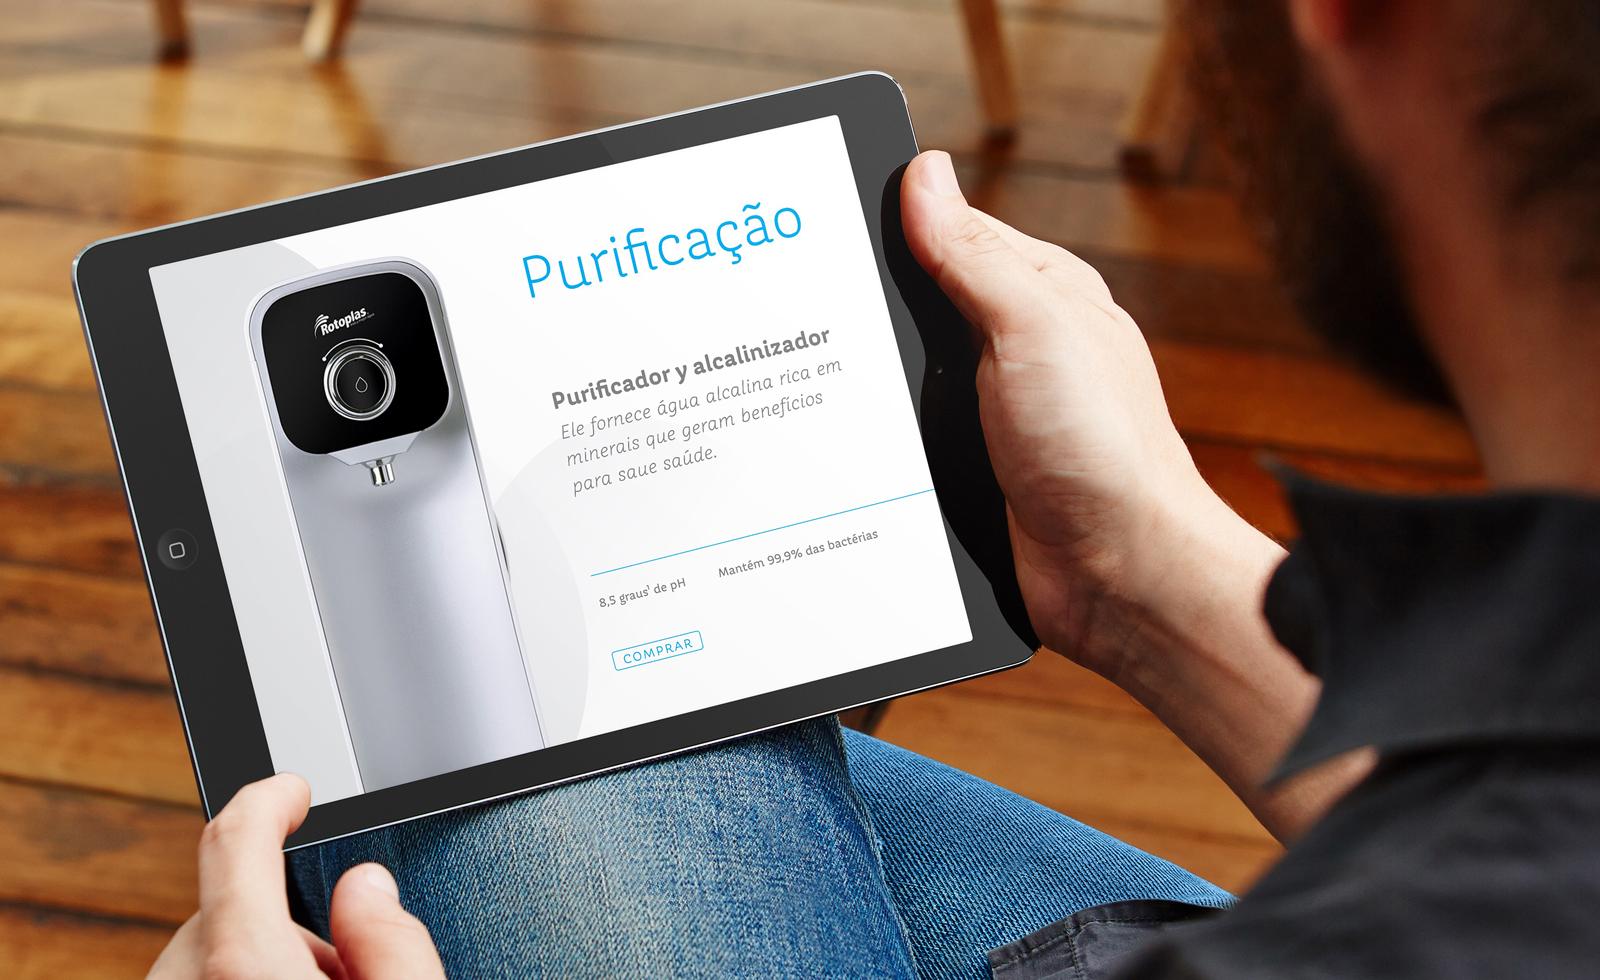 Hombre viendo el modelo y su descripción de un purificador de marca Rotoplas en un iPad.